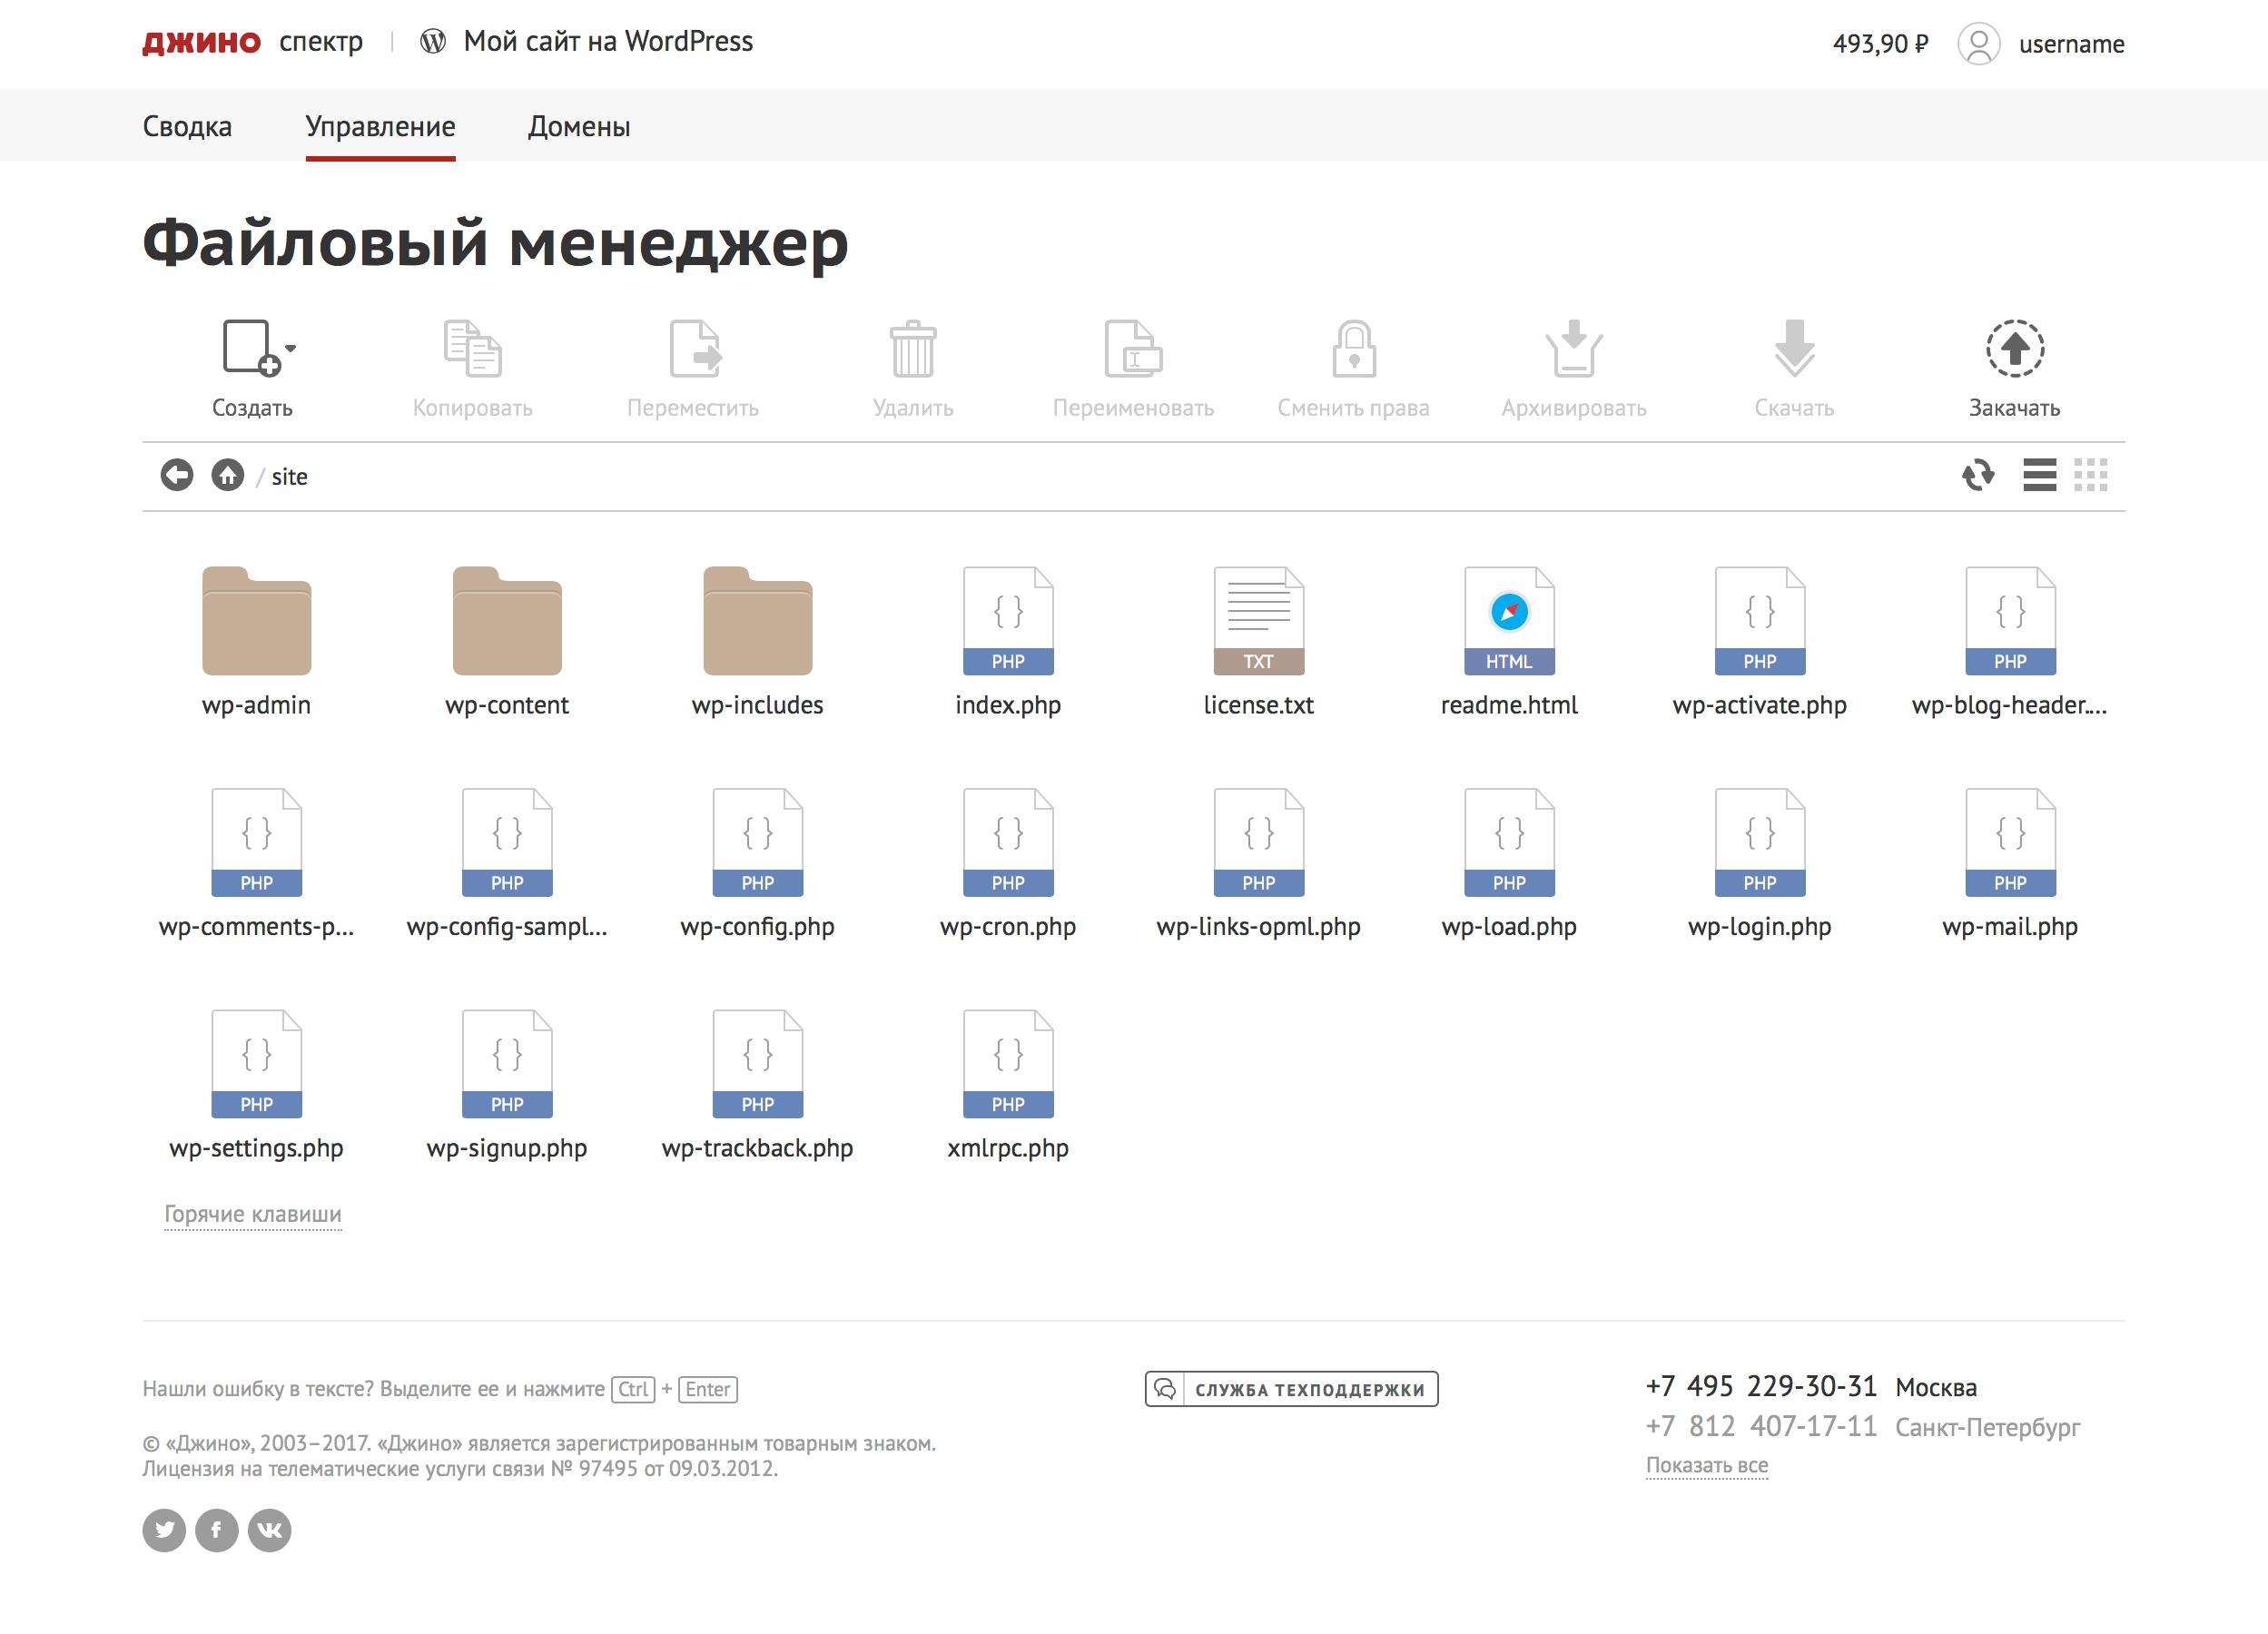 бесплатный хостинг сервера самп 2016